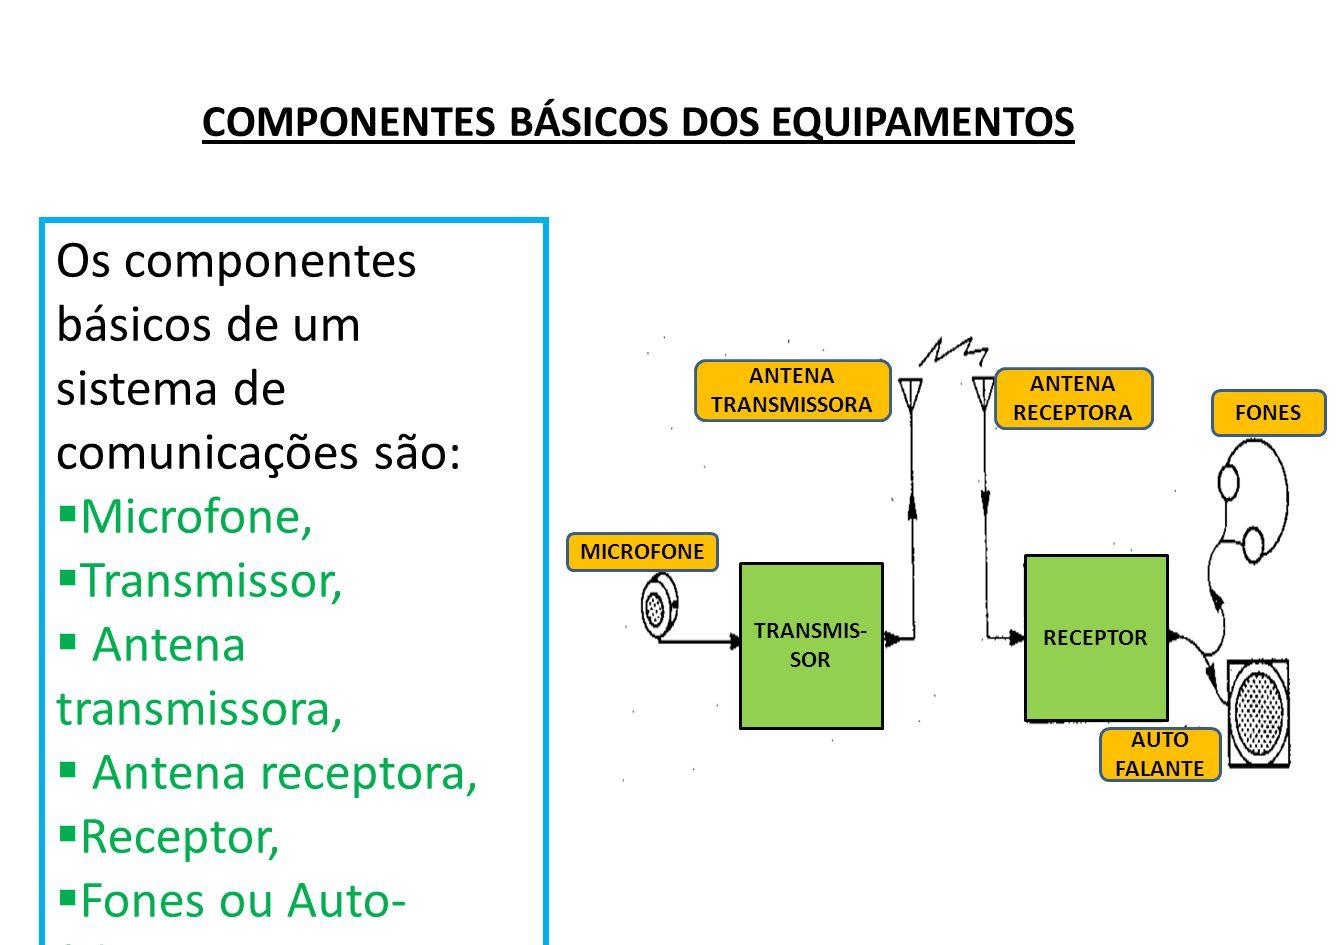 básicos de um sistema de comunicações são: